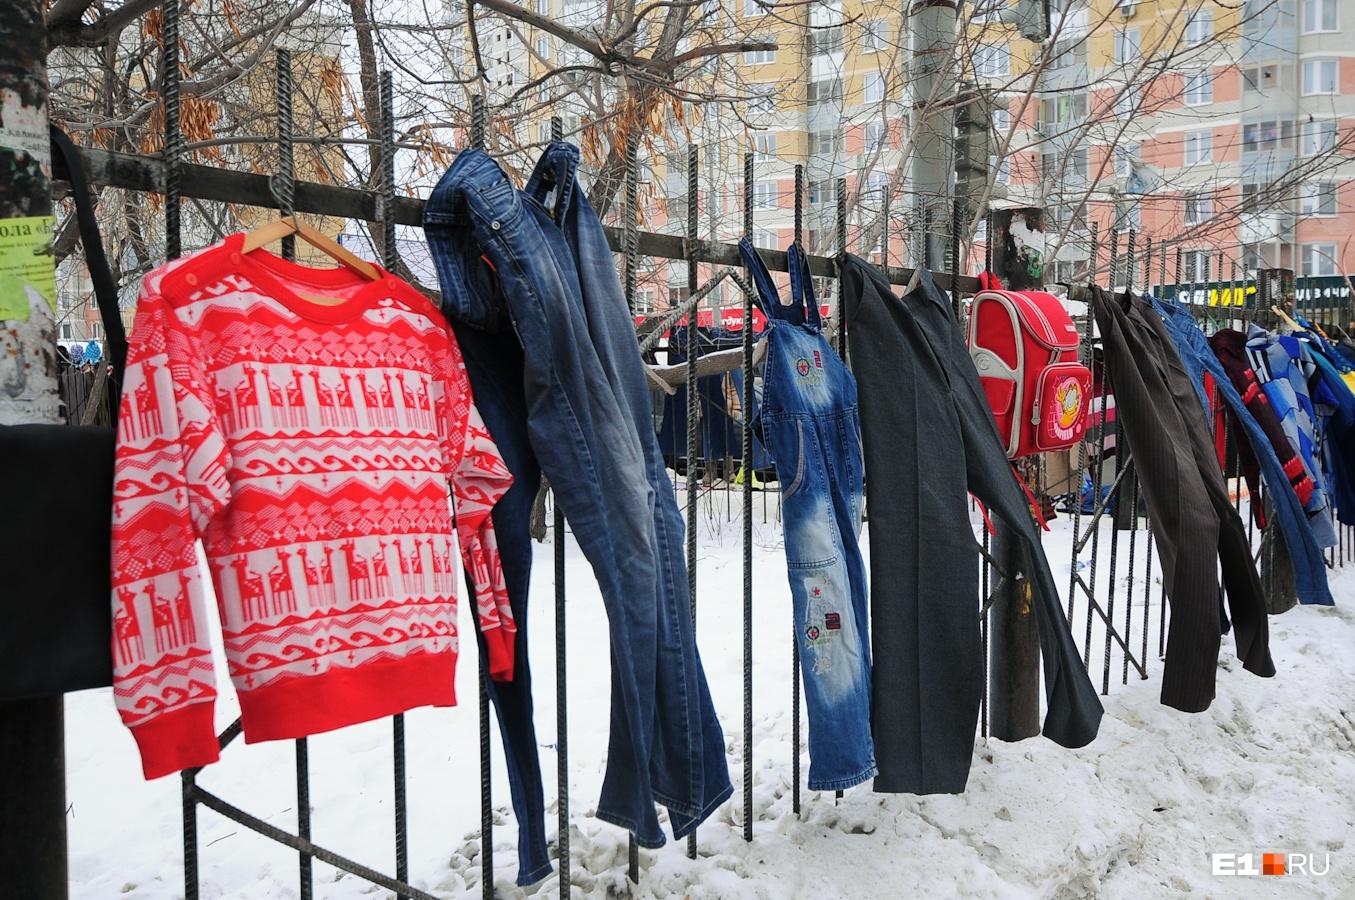 На рынке можно найти винтажную одежду, бытовую технику, книги и украшения